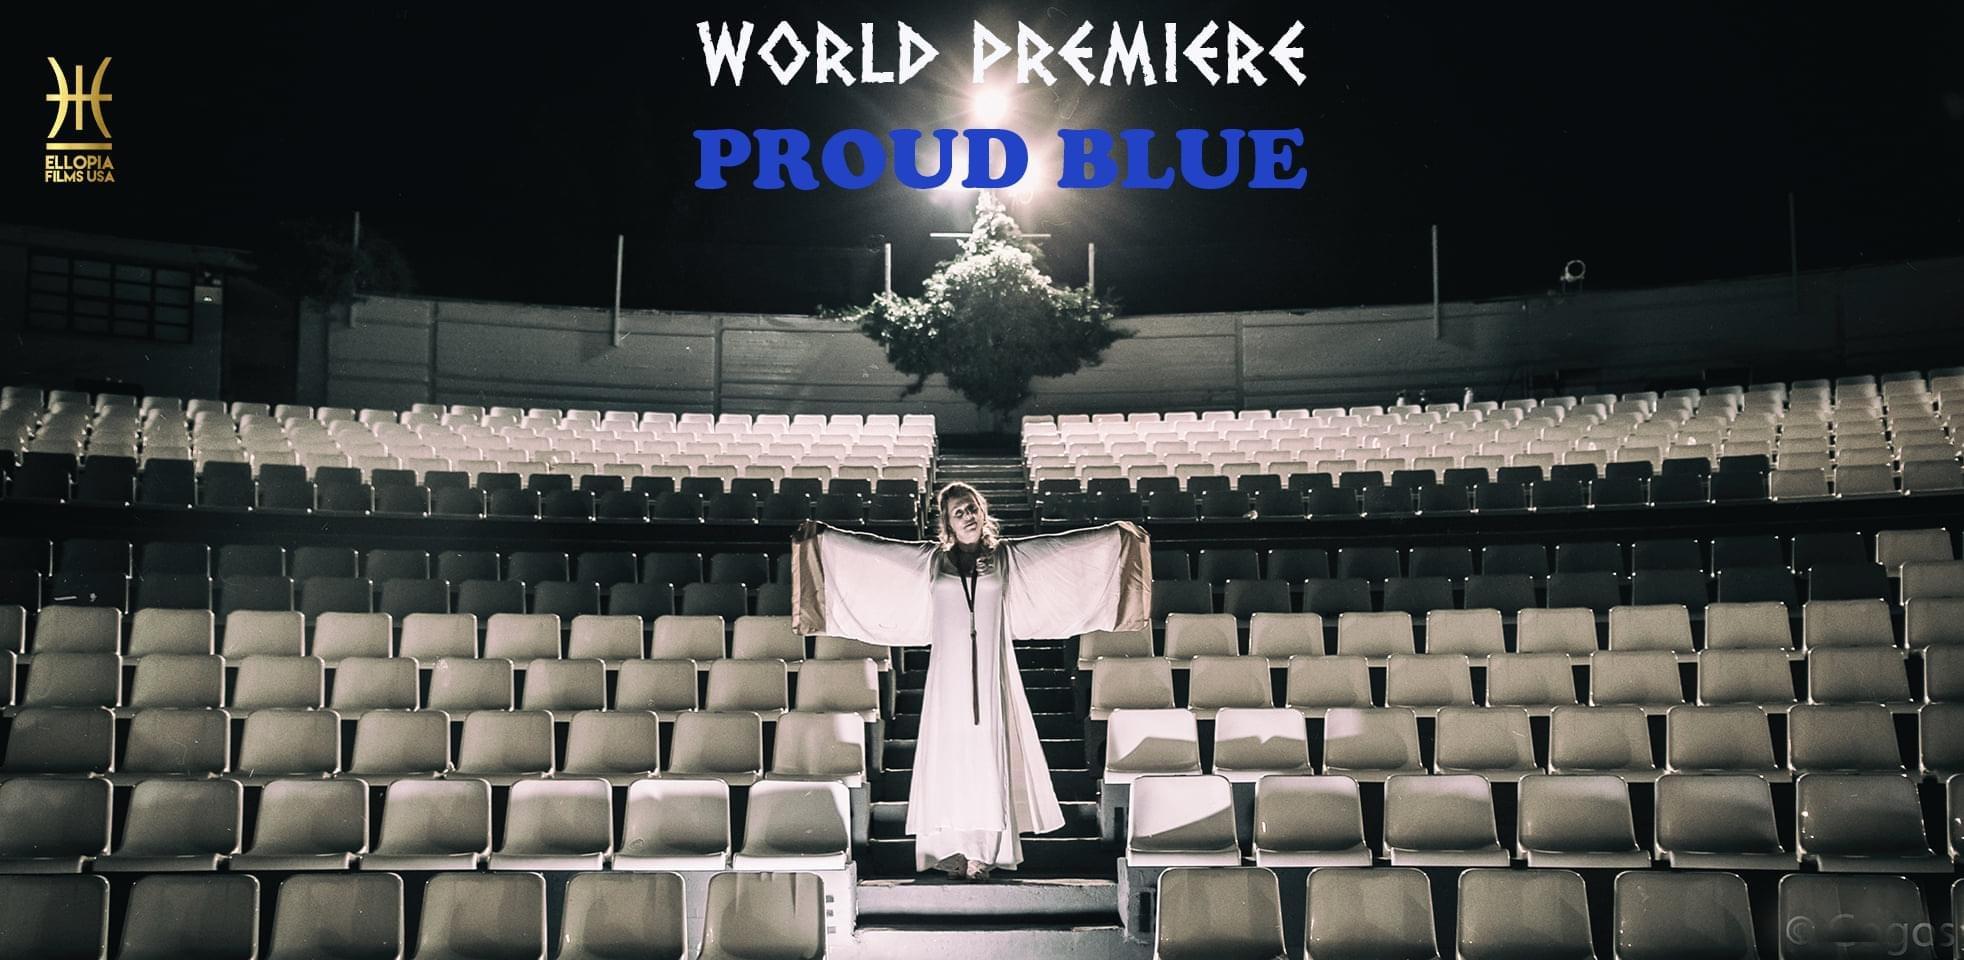 Στιγμιότυπα από την δημιουργία και την Παγκόσμια Πρεμιέρα προβολής του ντοκιμαντέρ «PROUD BLUE» (ΠΕΡΗΦΑΝΟ ΜΠΛΕ)